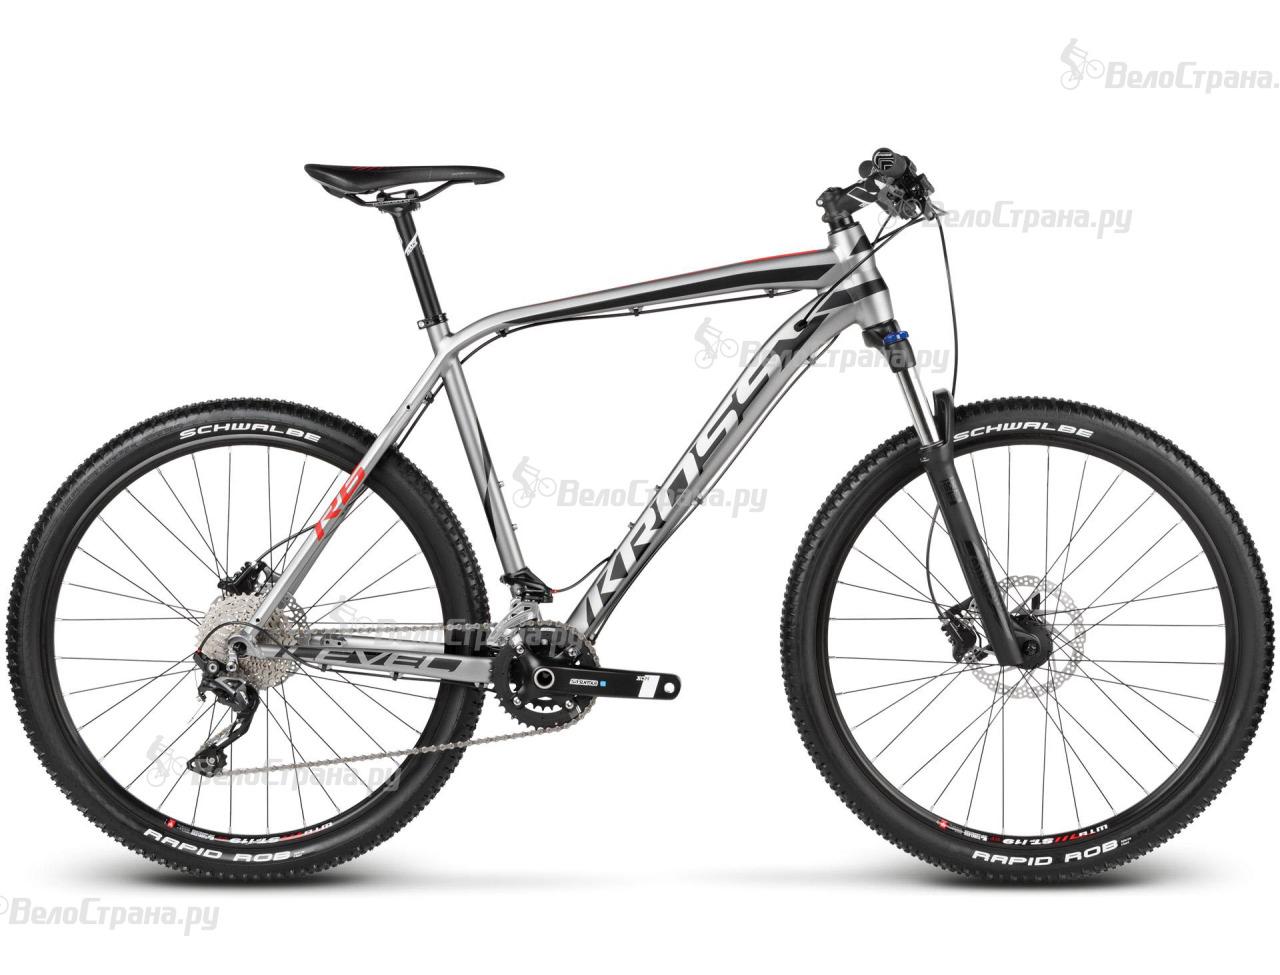 Велосипед Kross Level R6 (2017) велосипед kross level r6 2015